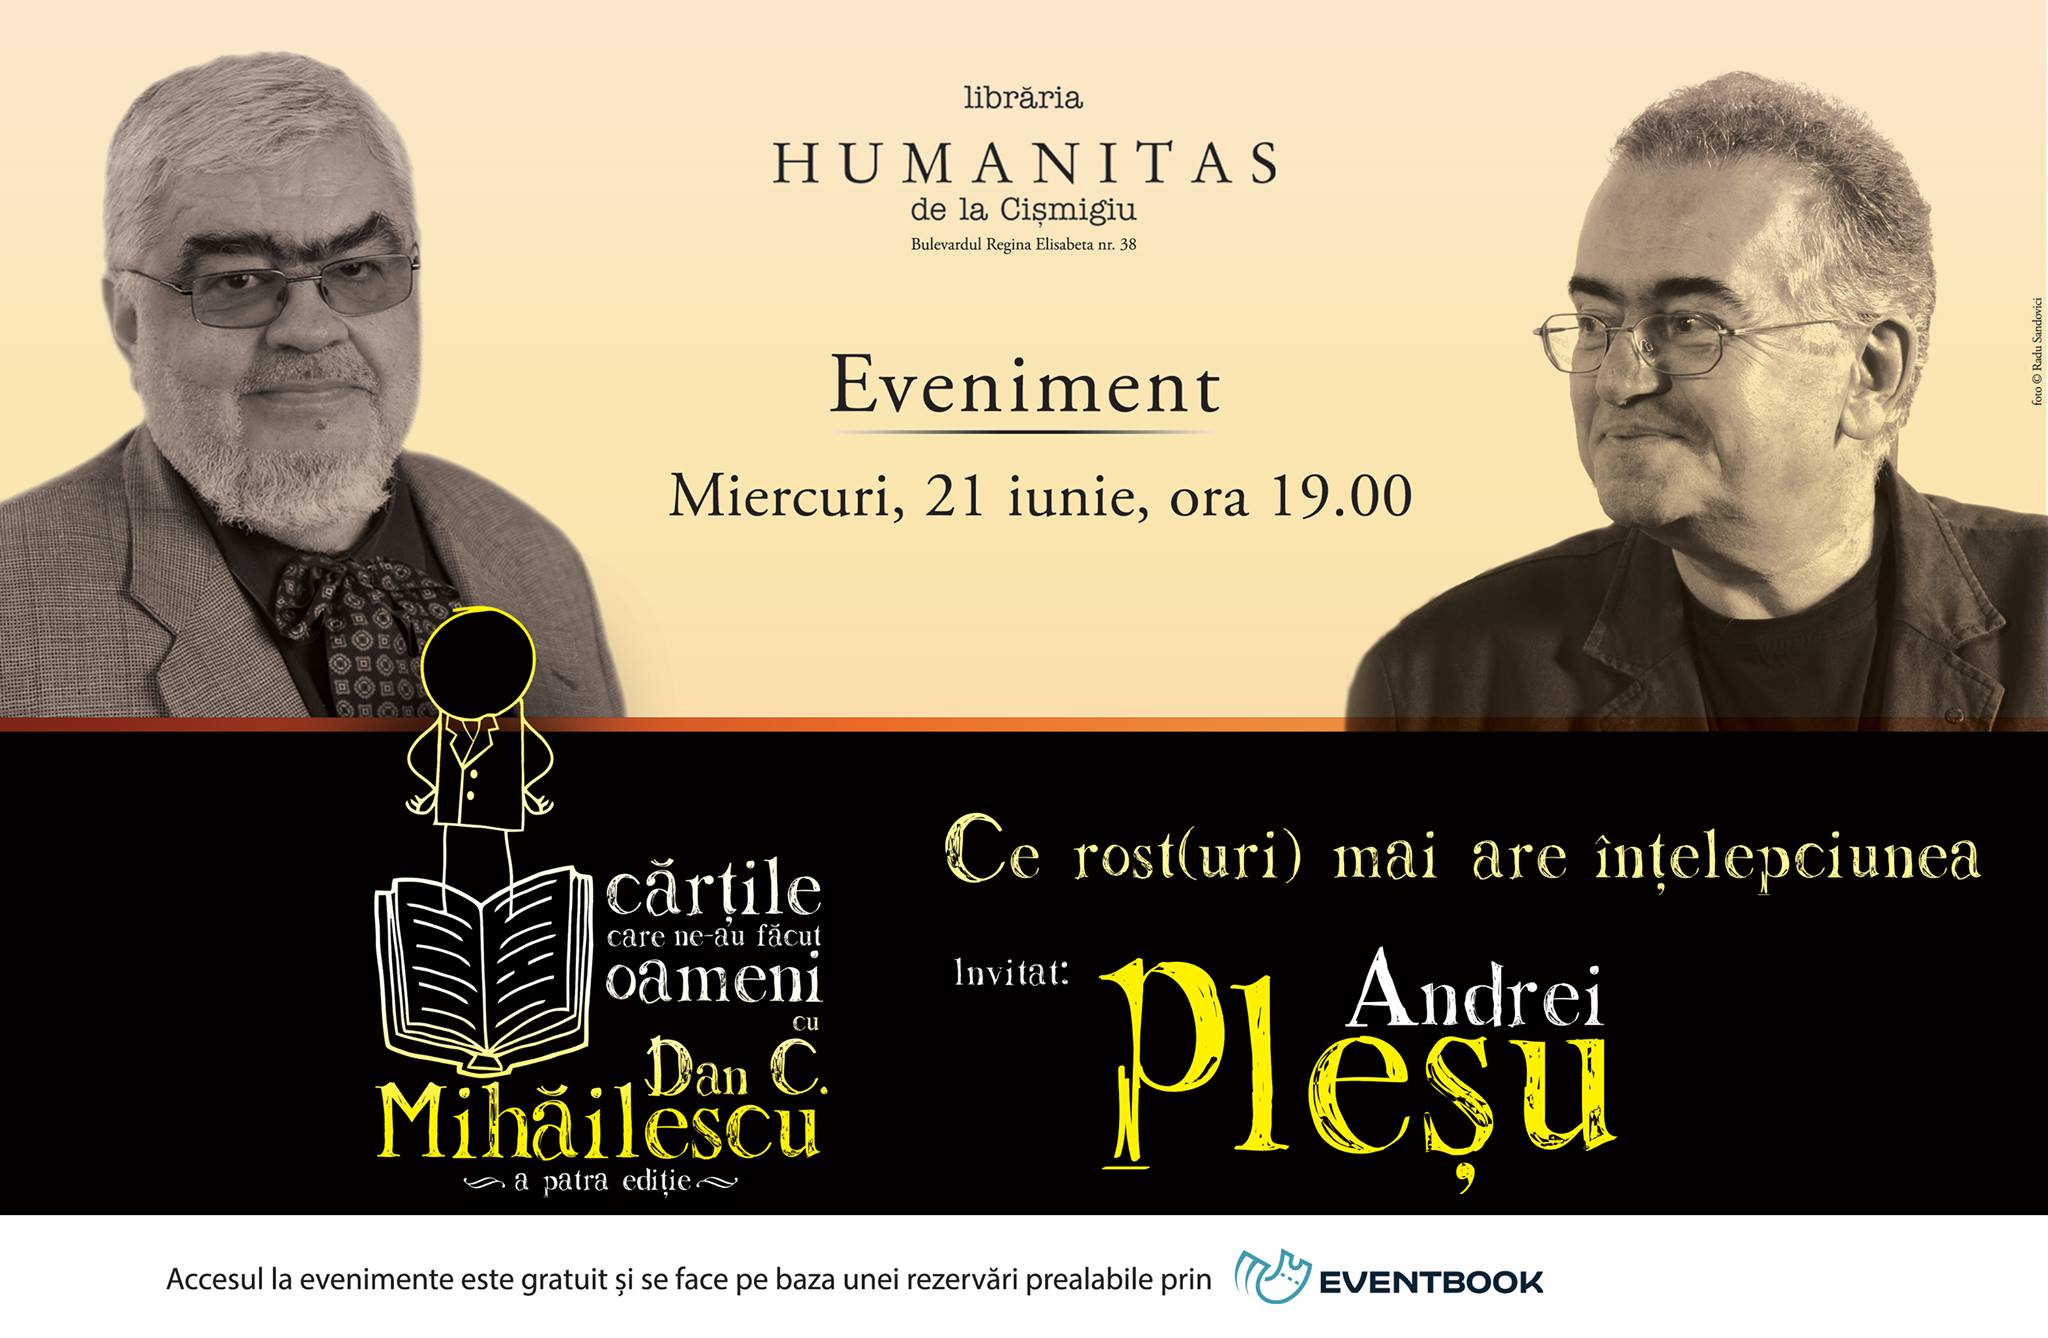 Andrei Pleşu în dialog cu Dan C. Mihăilescu